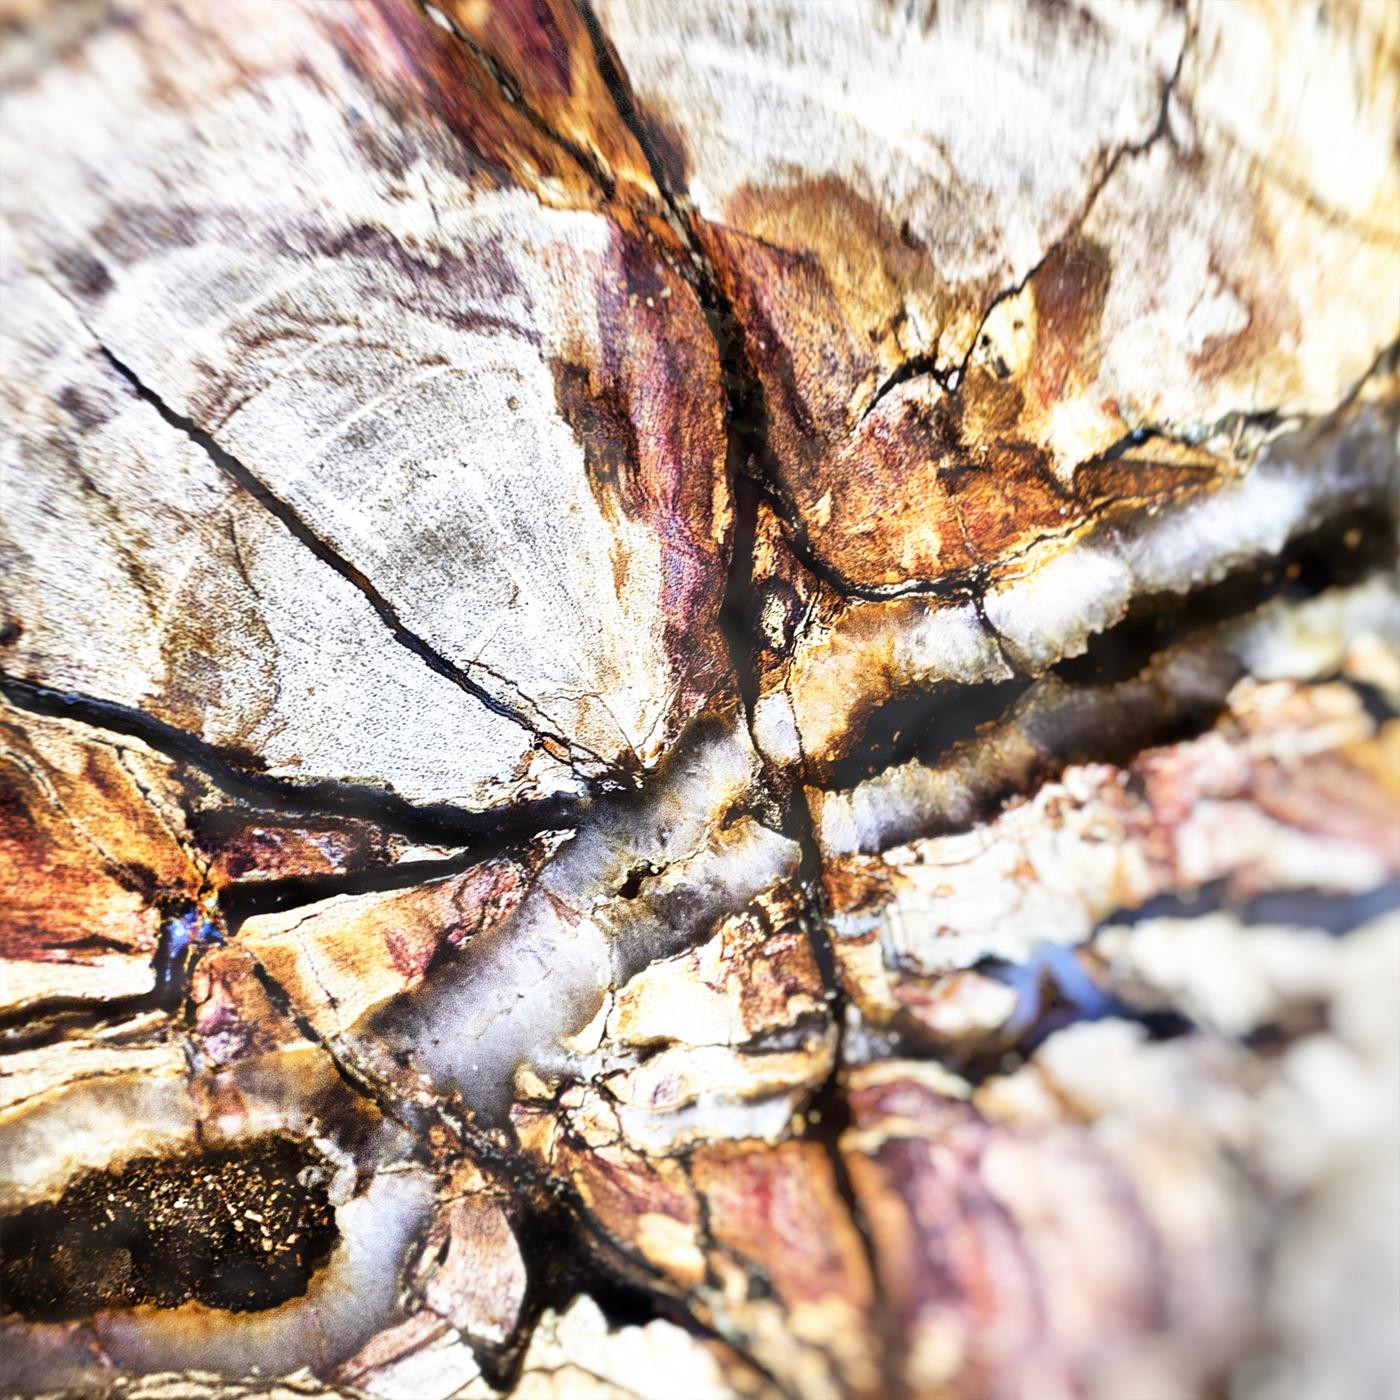 Wood 2177